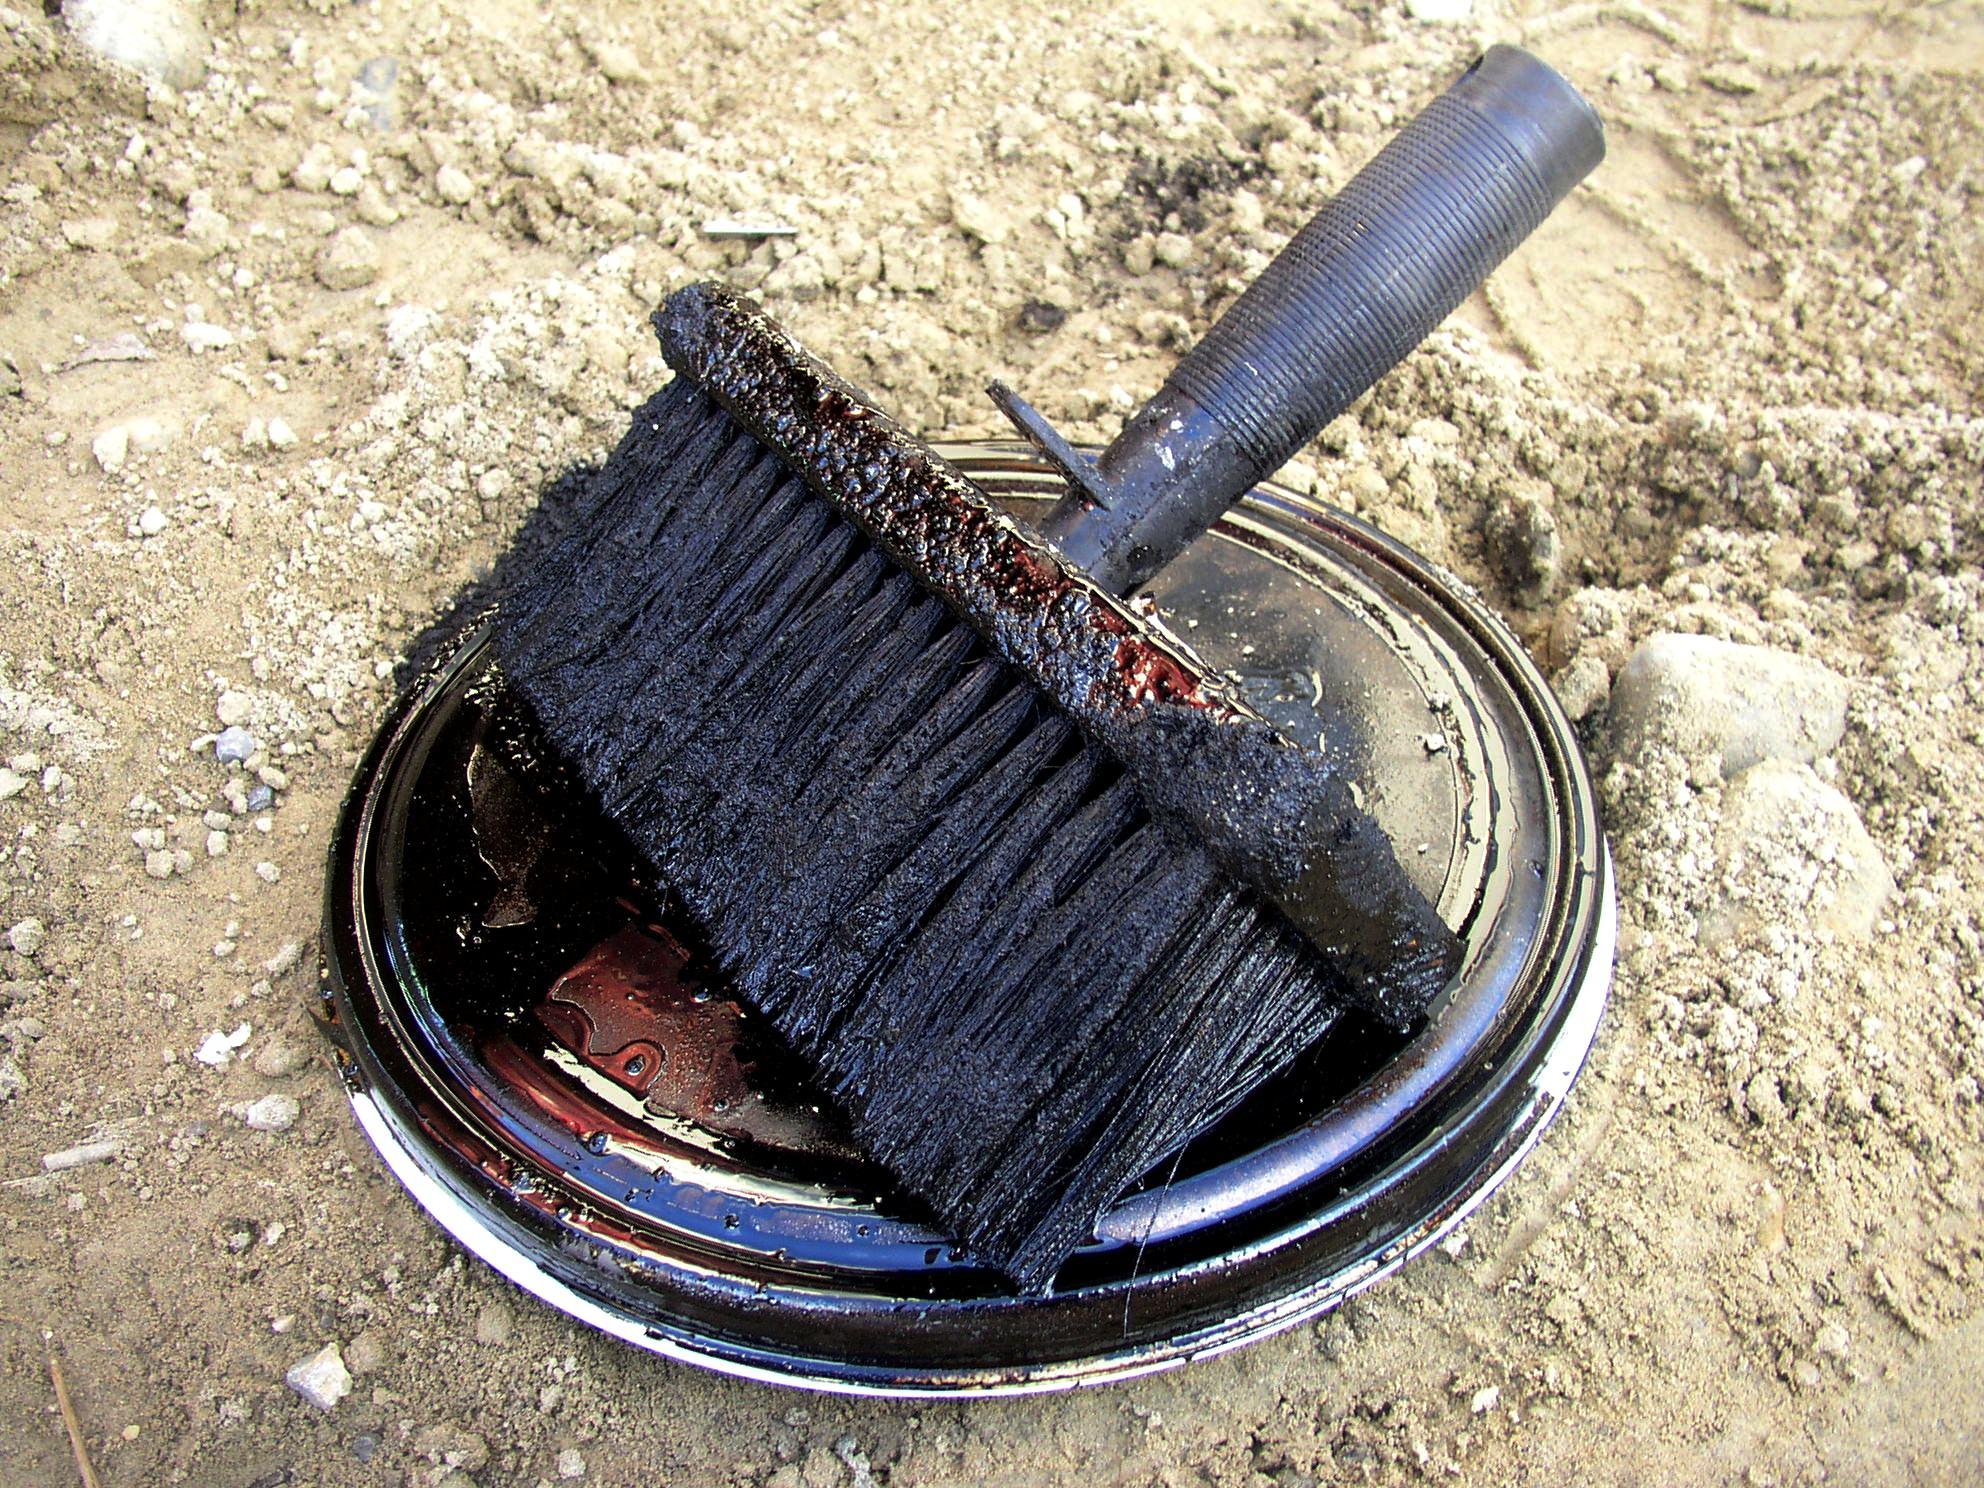 Farbe blättert und platzt beim streichen der wand oder decke ab ...